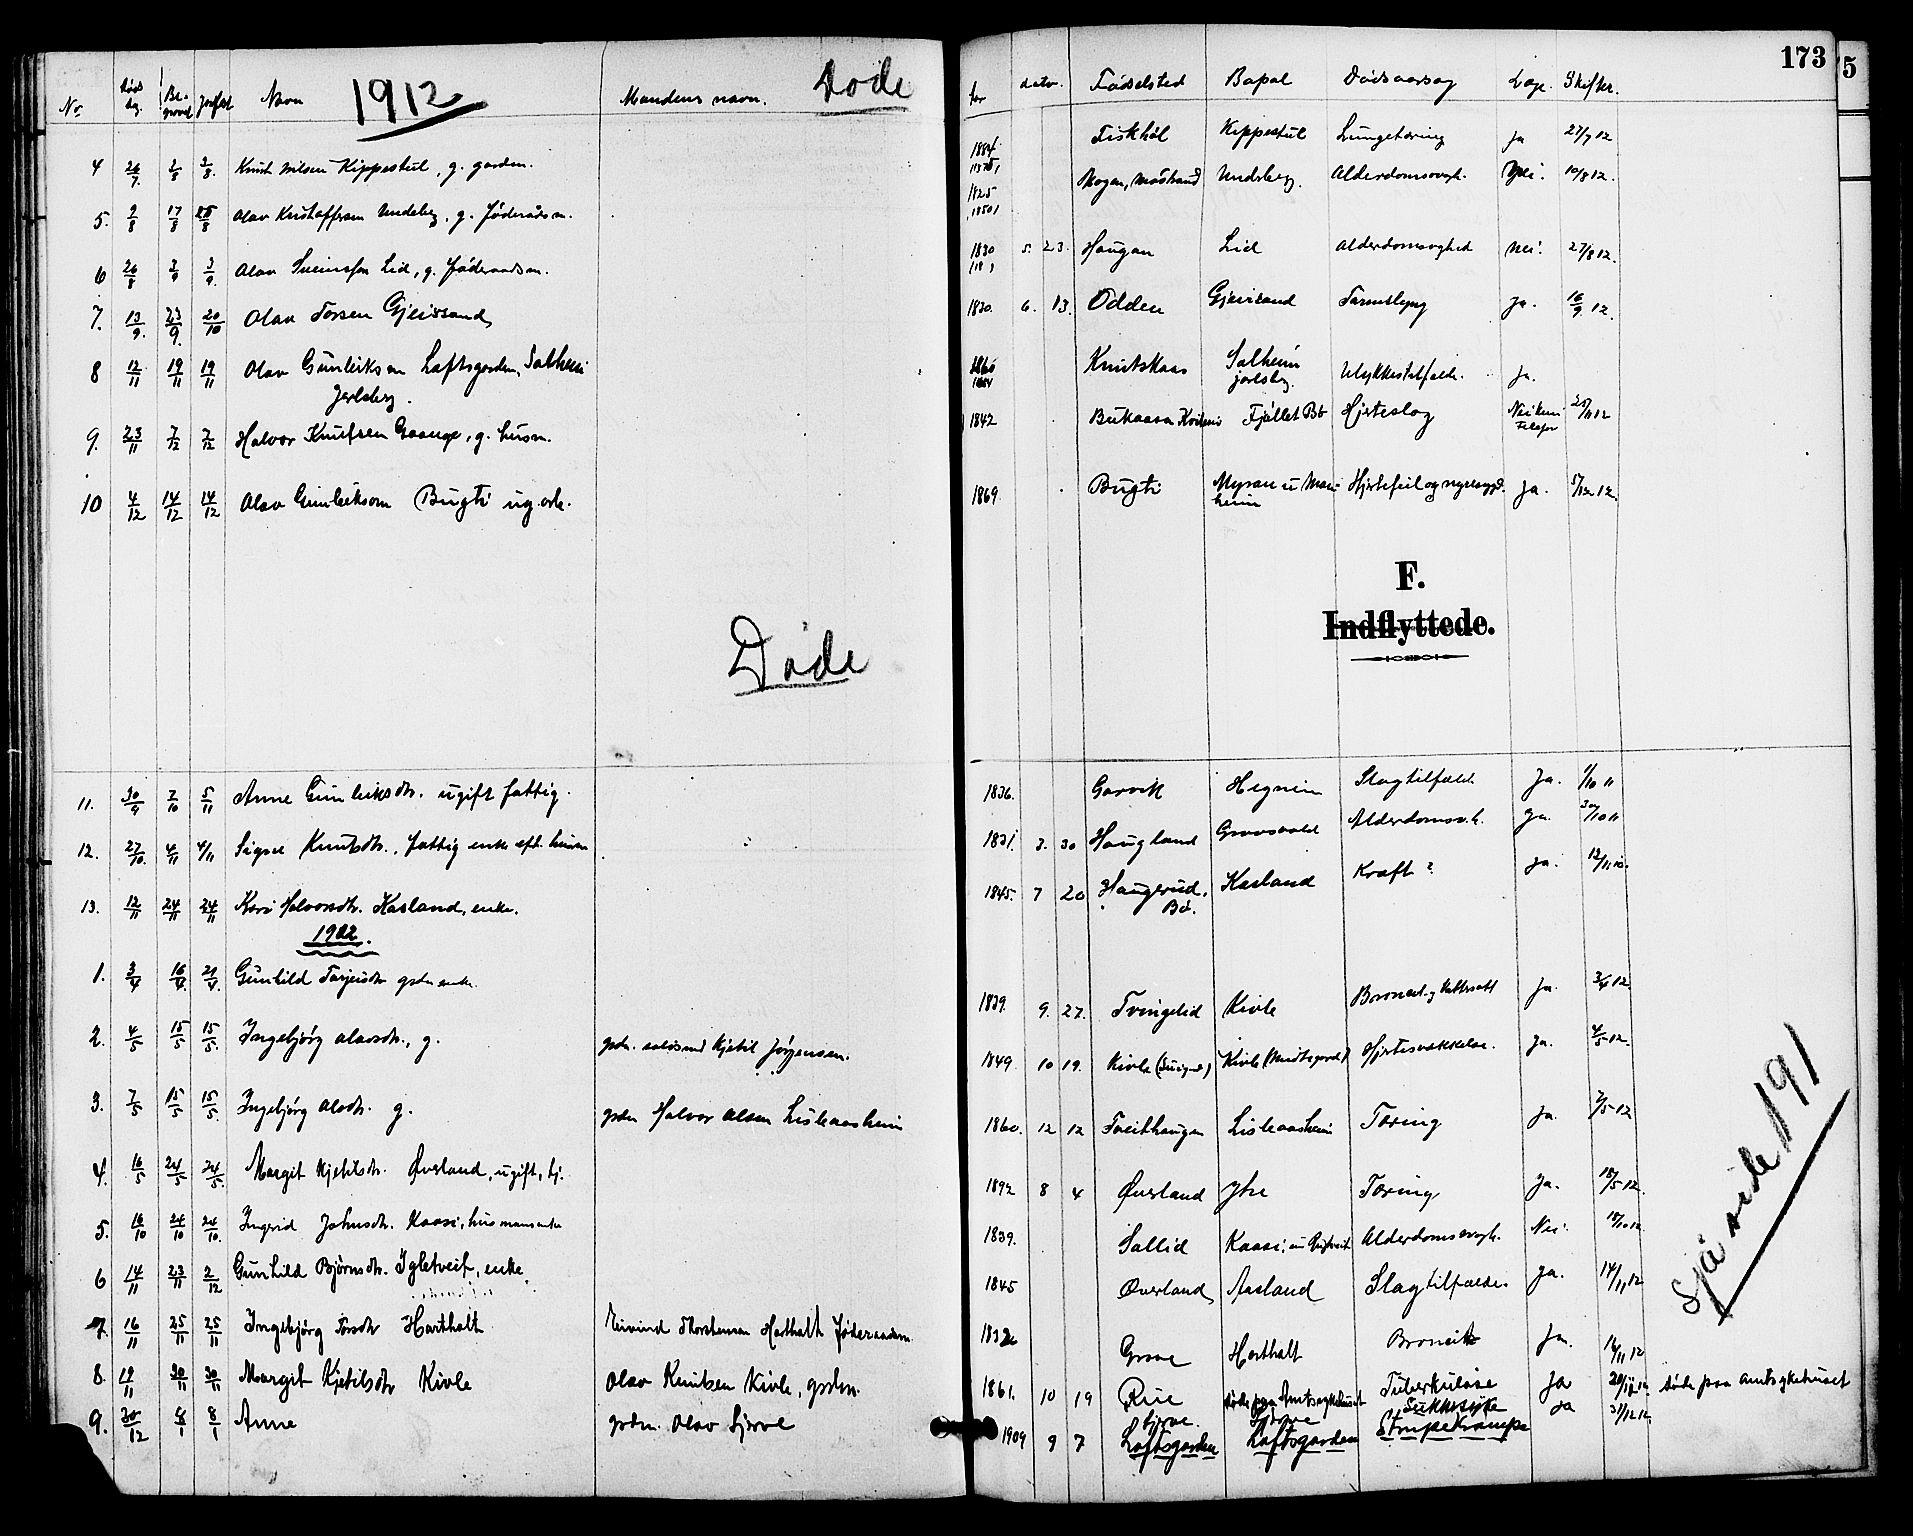 SAKO, Seljord kirkebøker, G/Ga/L0005: Klokkerbok nr. I 5, 1887-1914, s. 173